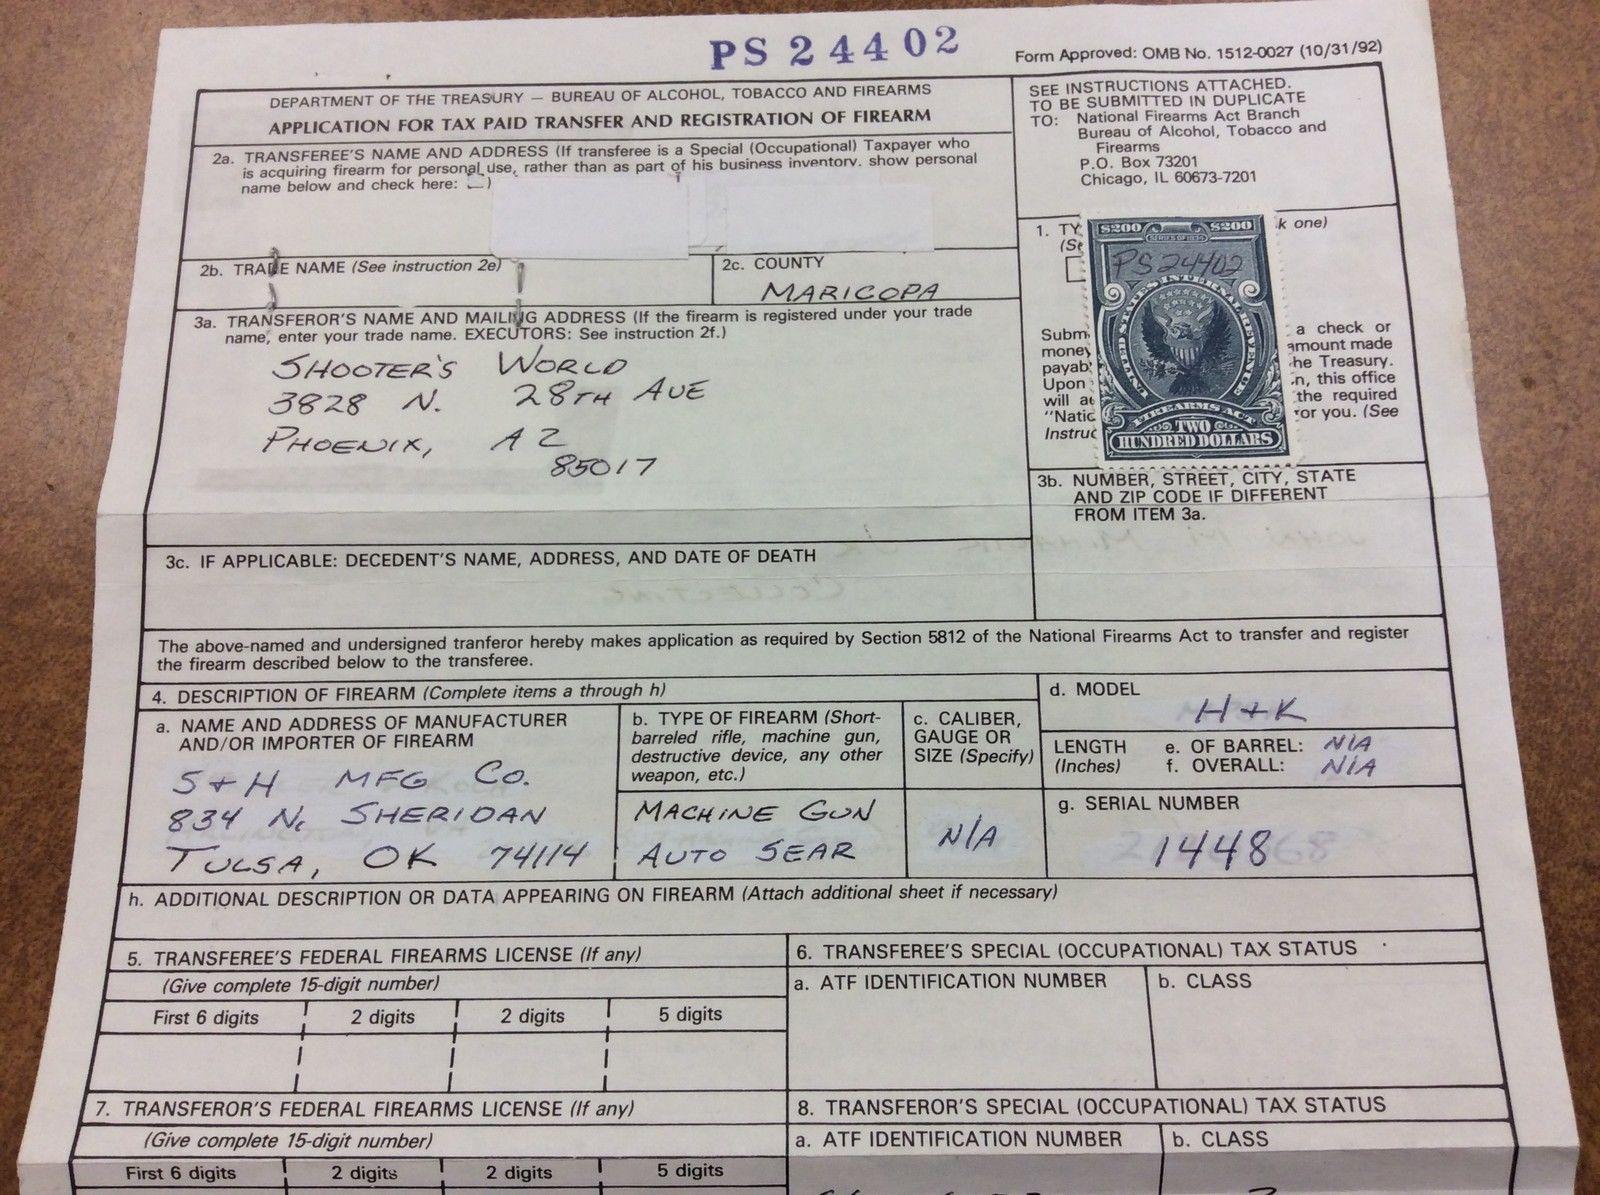 U S  - RY8 -$200 Firearms transfer stamp - on document Arizona, form